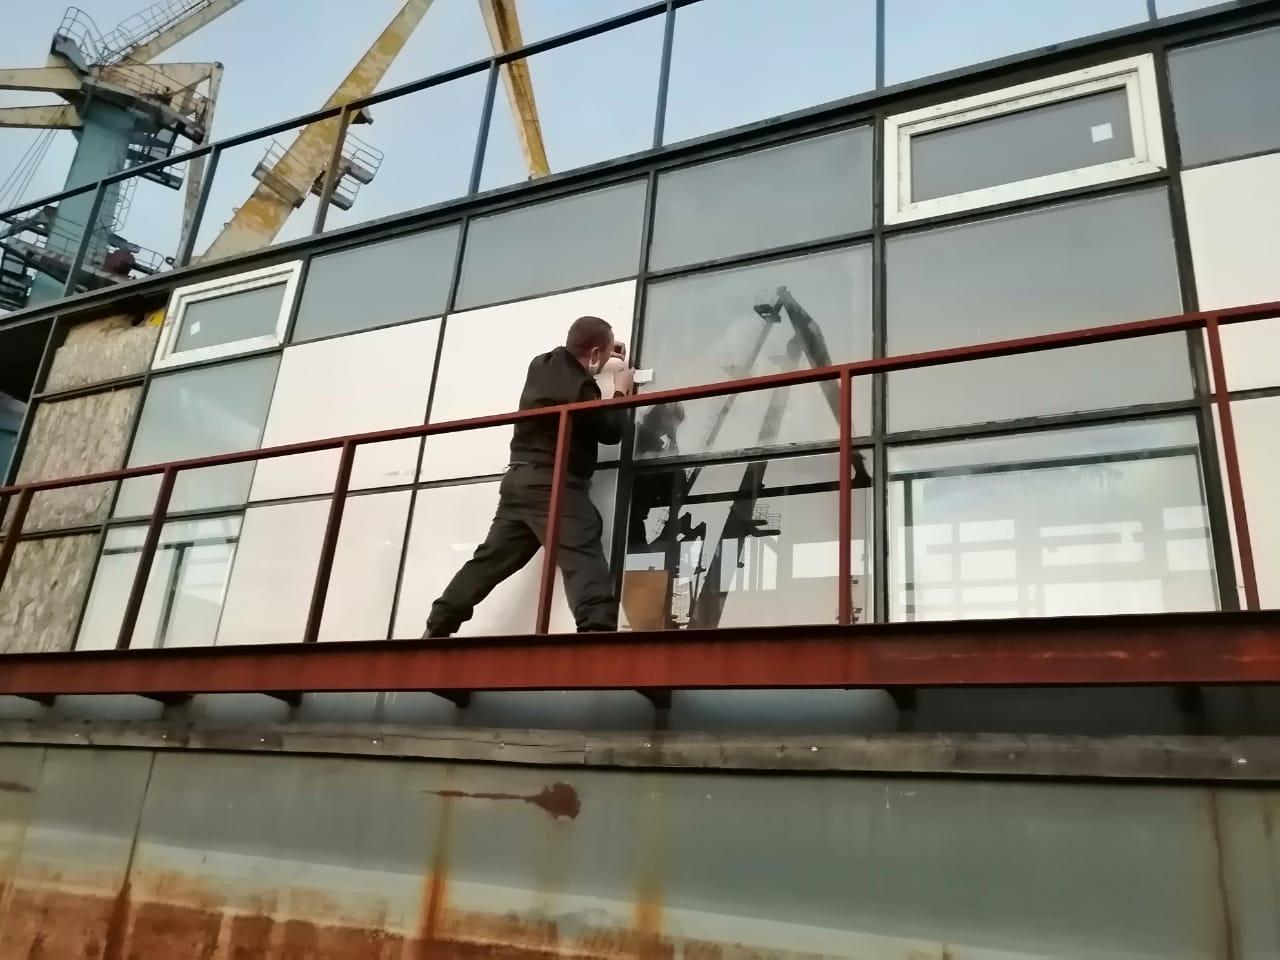 Самарские приставы представились покупателями и арестовали лодку должника